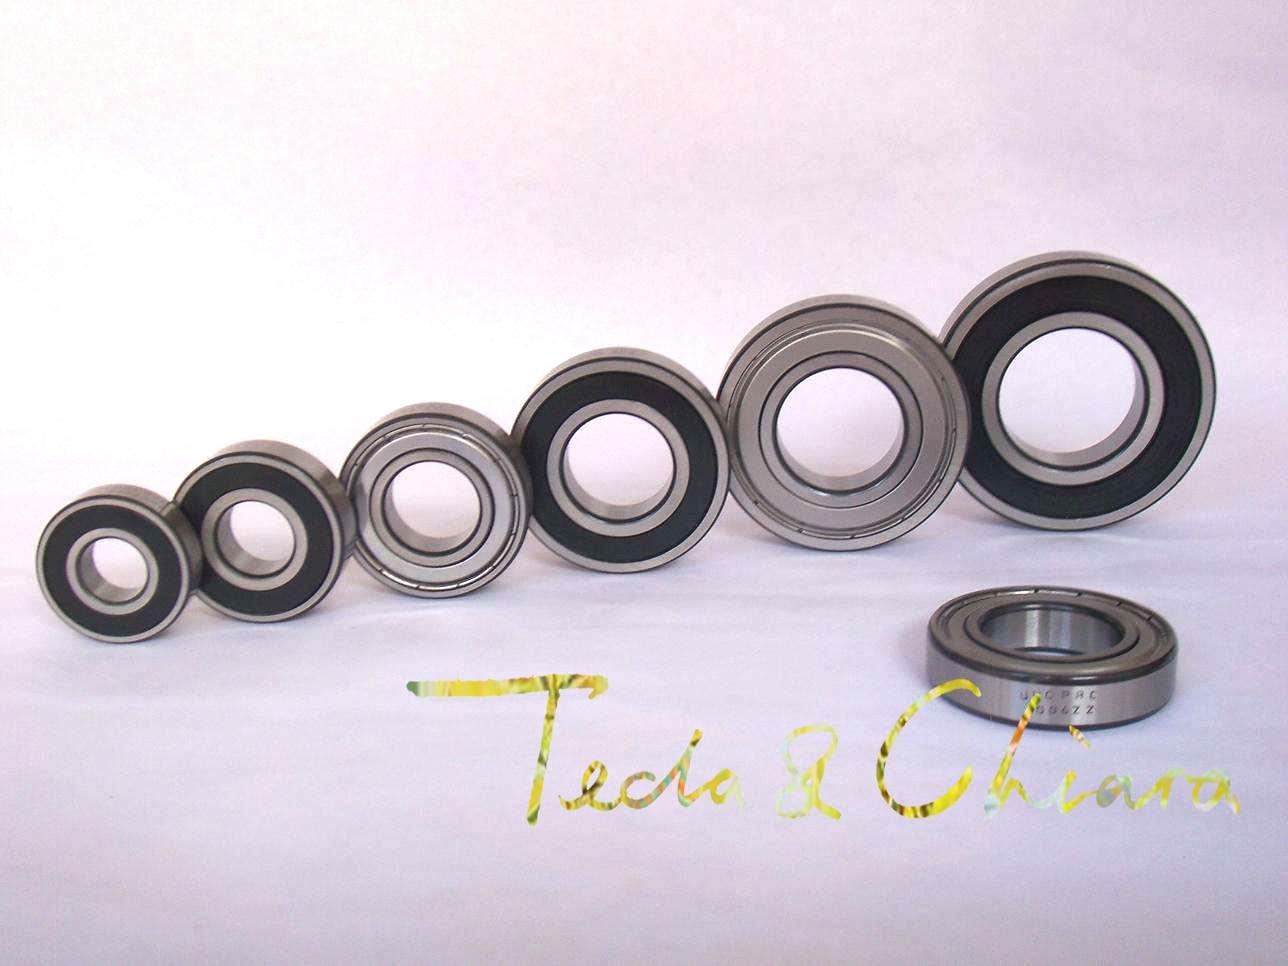 R3 R3ZZ R3RS R3-2Z R3Z R3-2RS ZZ RS RZ 2RZ Deep Groove Ball Bearings 4.762 X 12.7 X 4.98mm 3/16